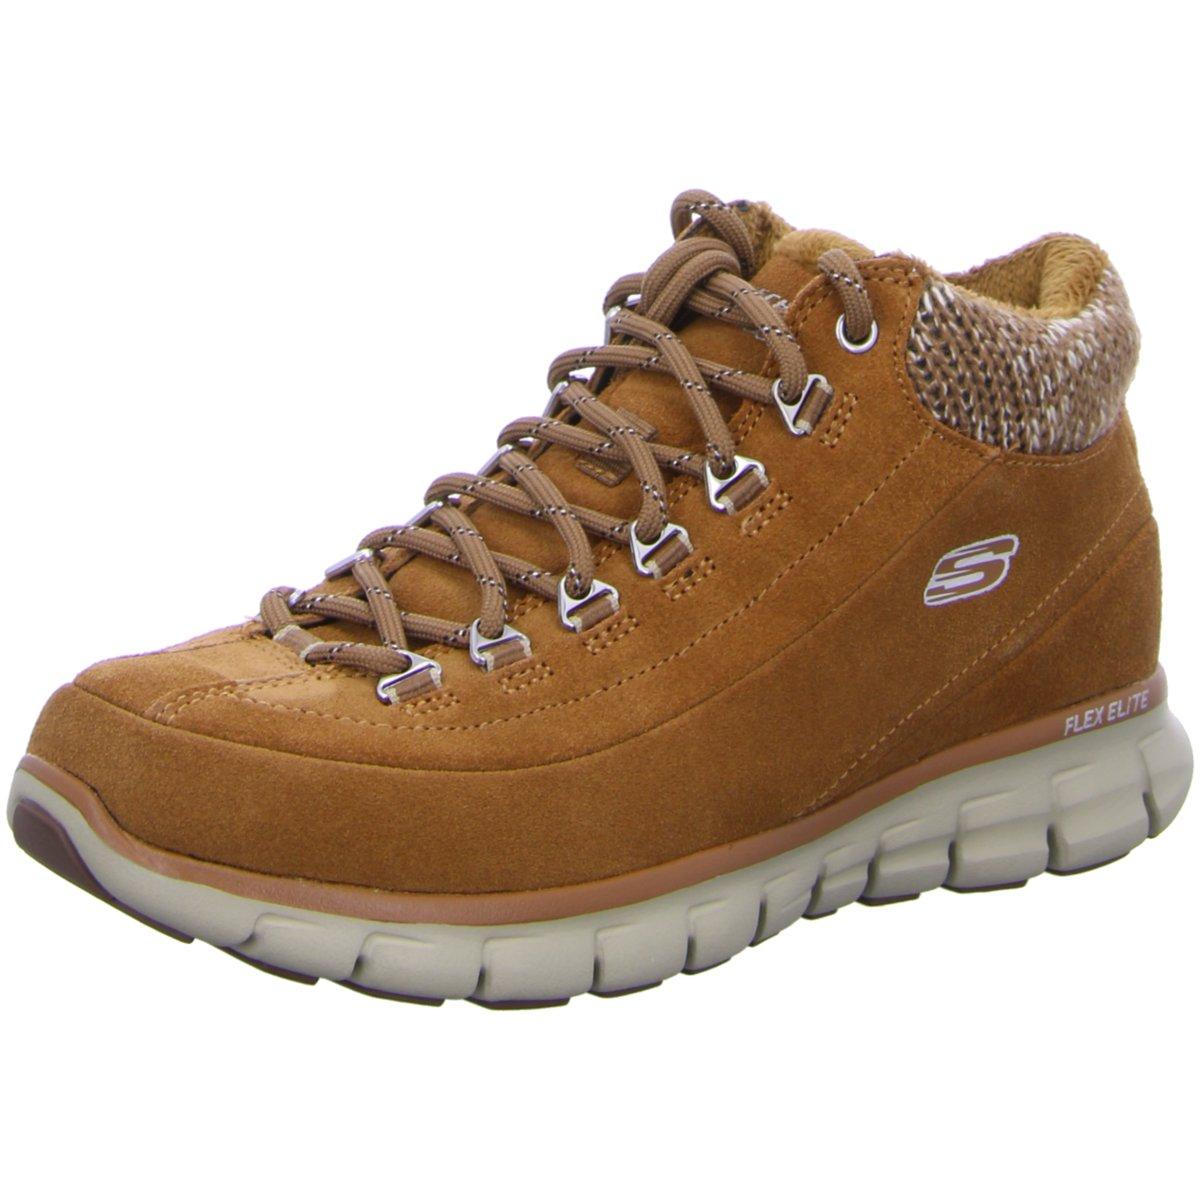 separation shoes 394f7 19a25 Details zu Skechers Damen Stiefeletten Damen Schnürstiefel 11970 CSNT braun  181802